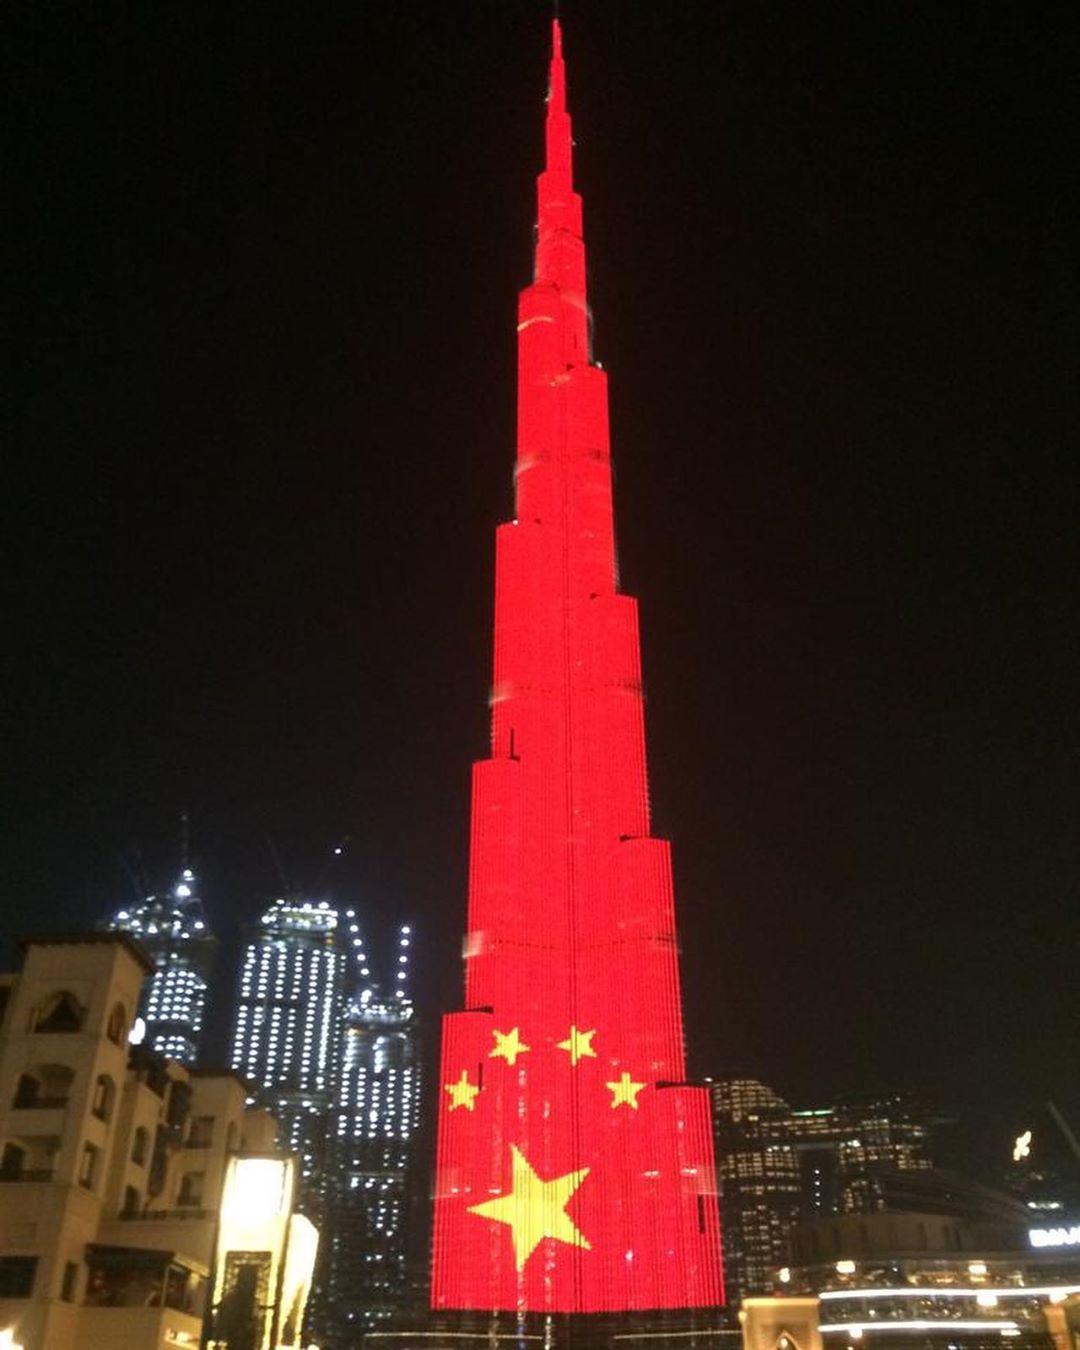 برج خليفة يضيء بألوان العلم الصينى تضامنا مع حربها ضد فيروس كورونا اليوم السابع